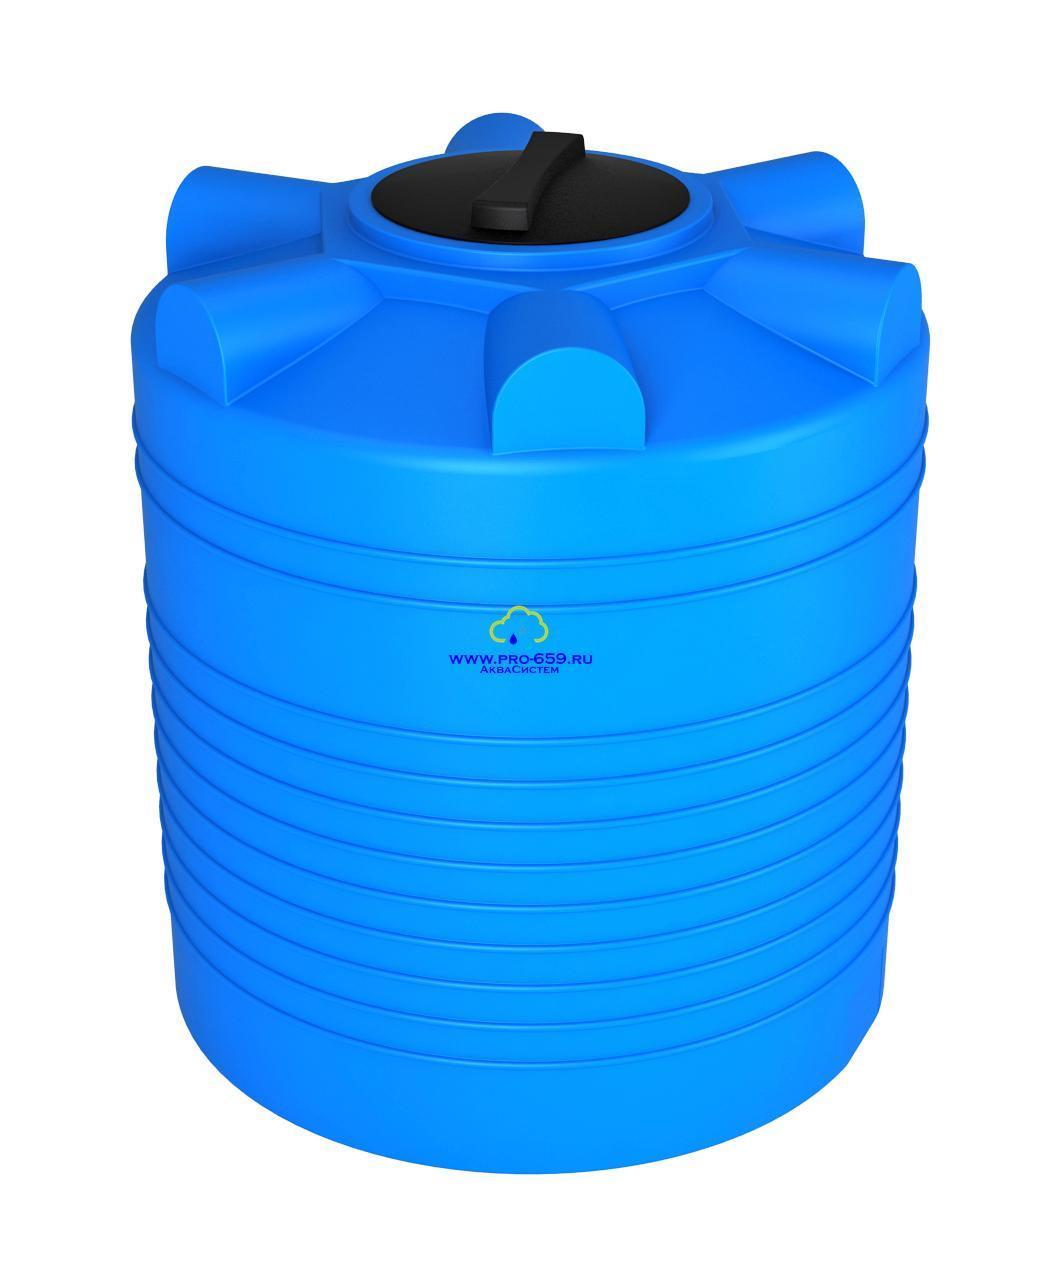 Емкость ЭВЛ-500 литров